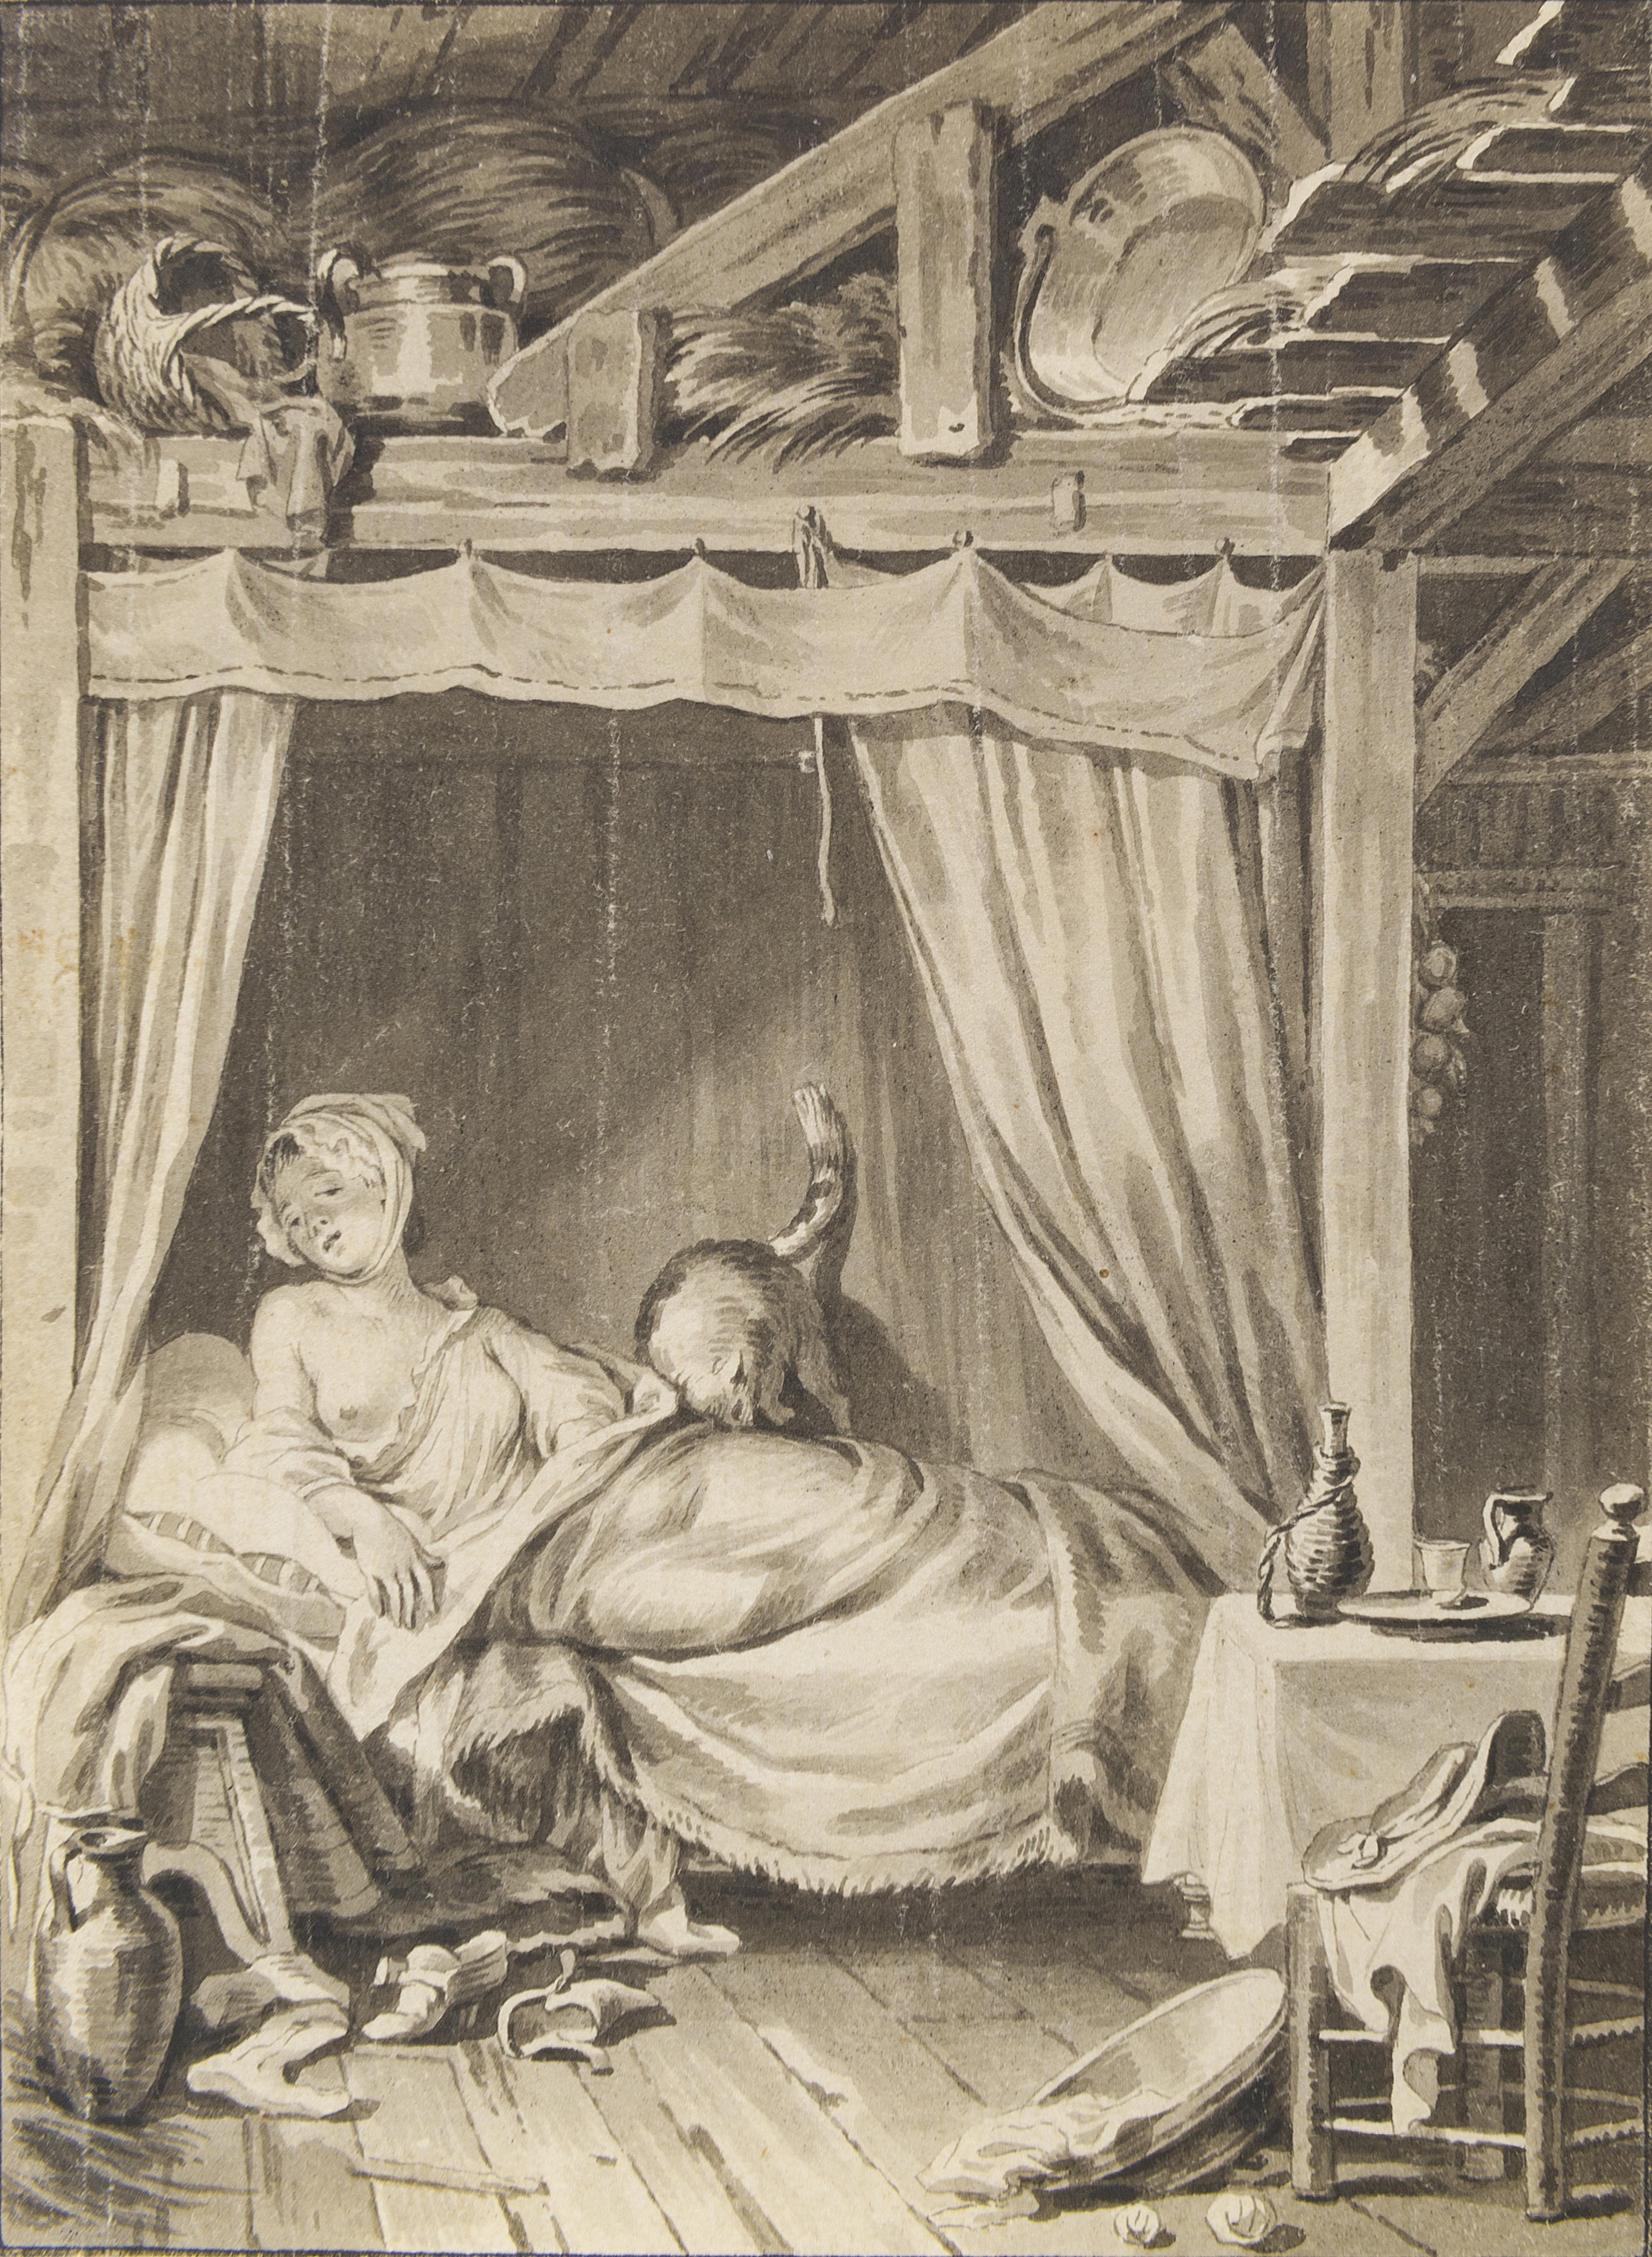 34. Lavis d'une des illustrations de LABORDE. Choix de chansons. Paris, de Lormel, 1773.